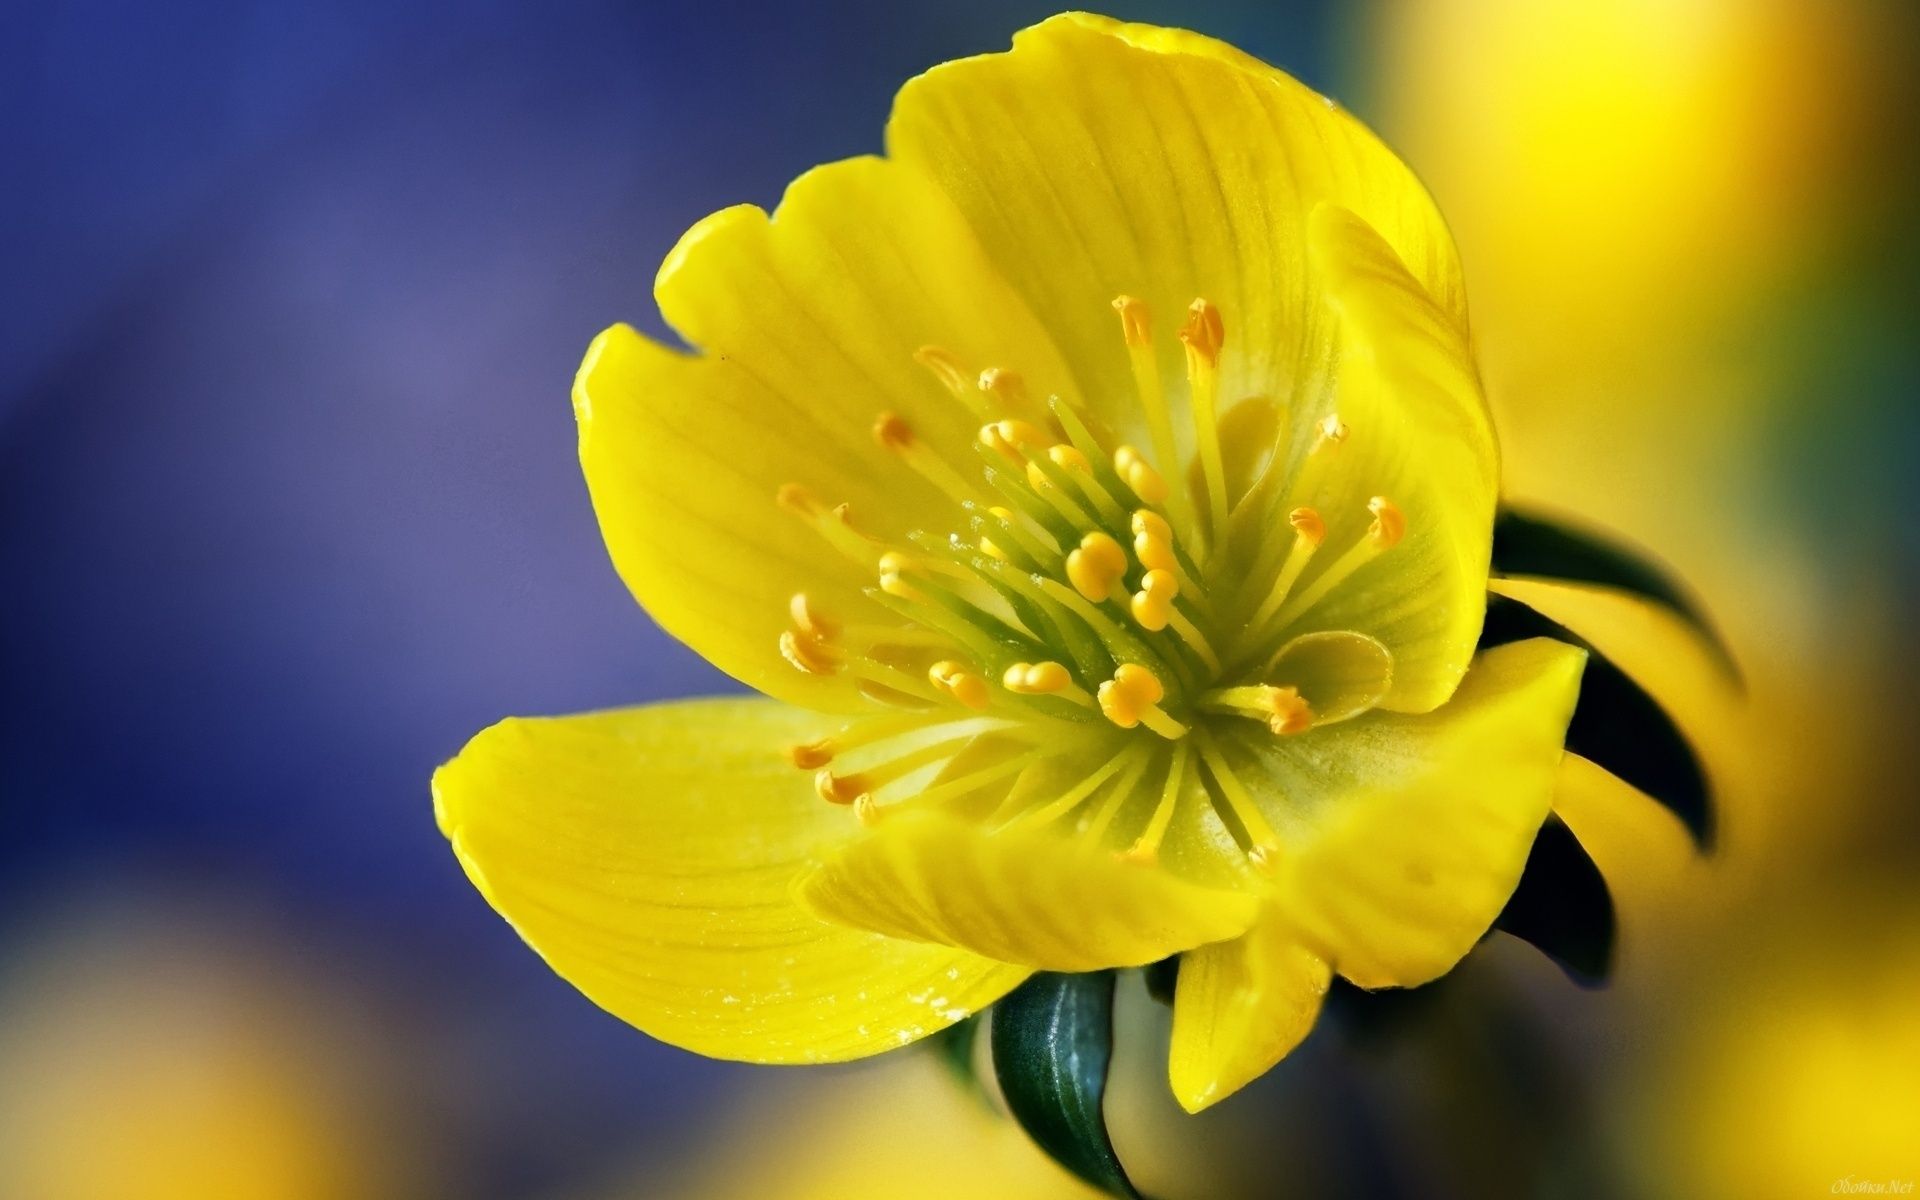 картинки с желтыми цветами имя аля